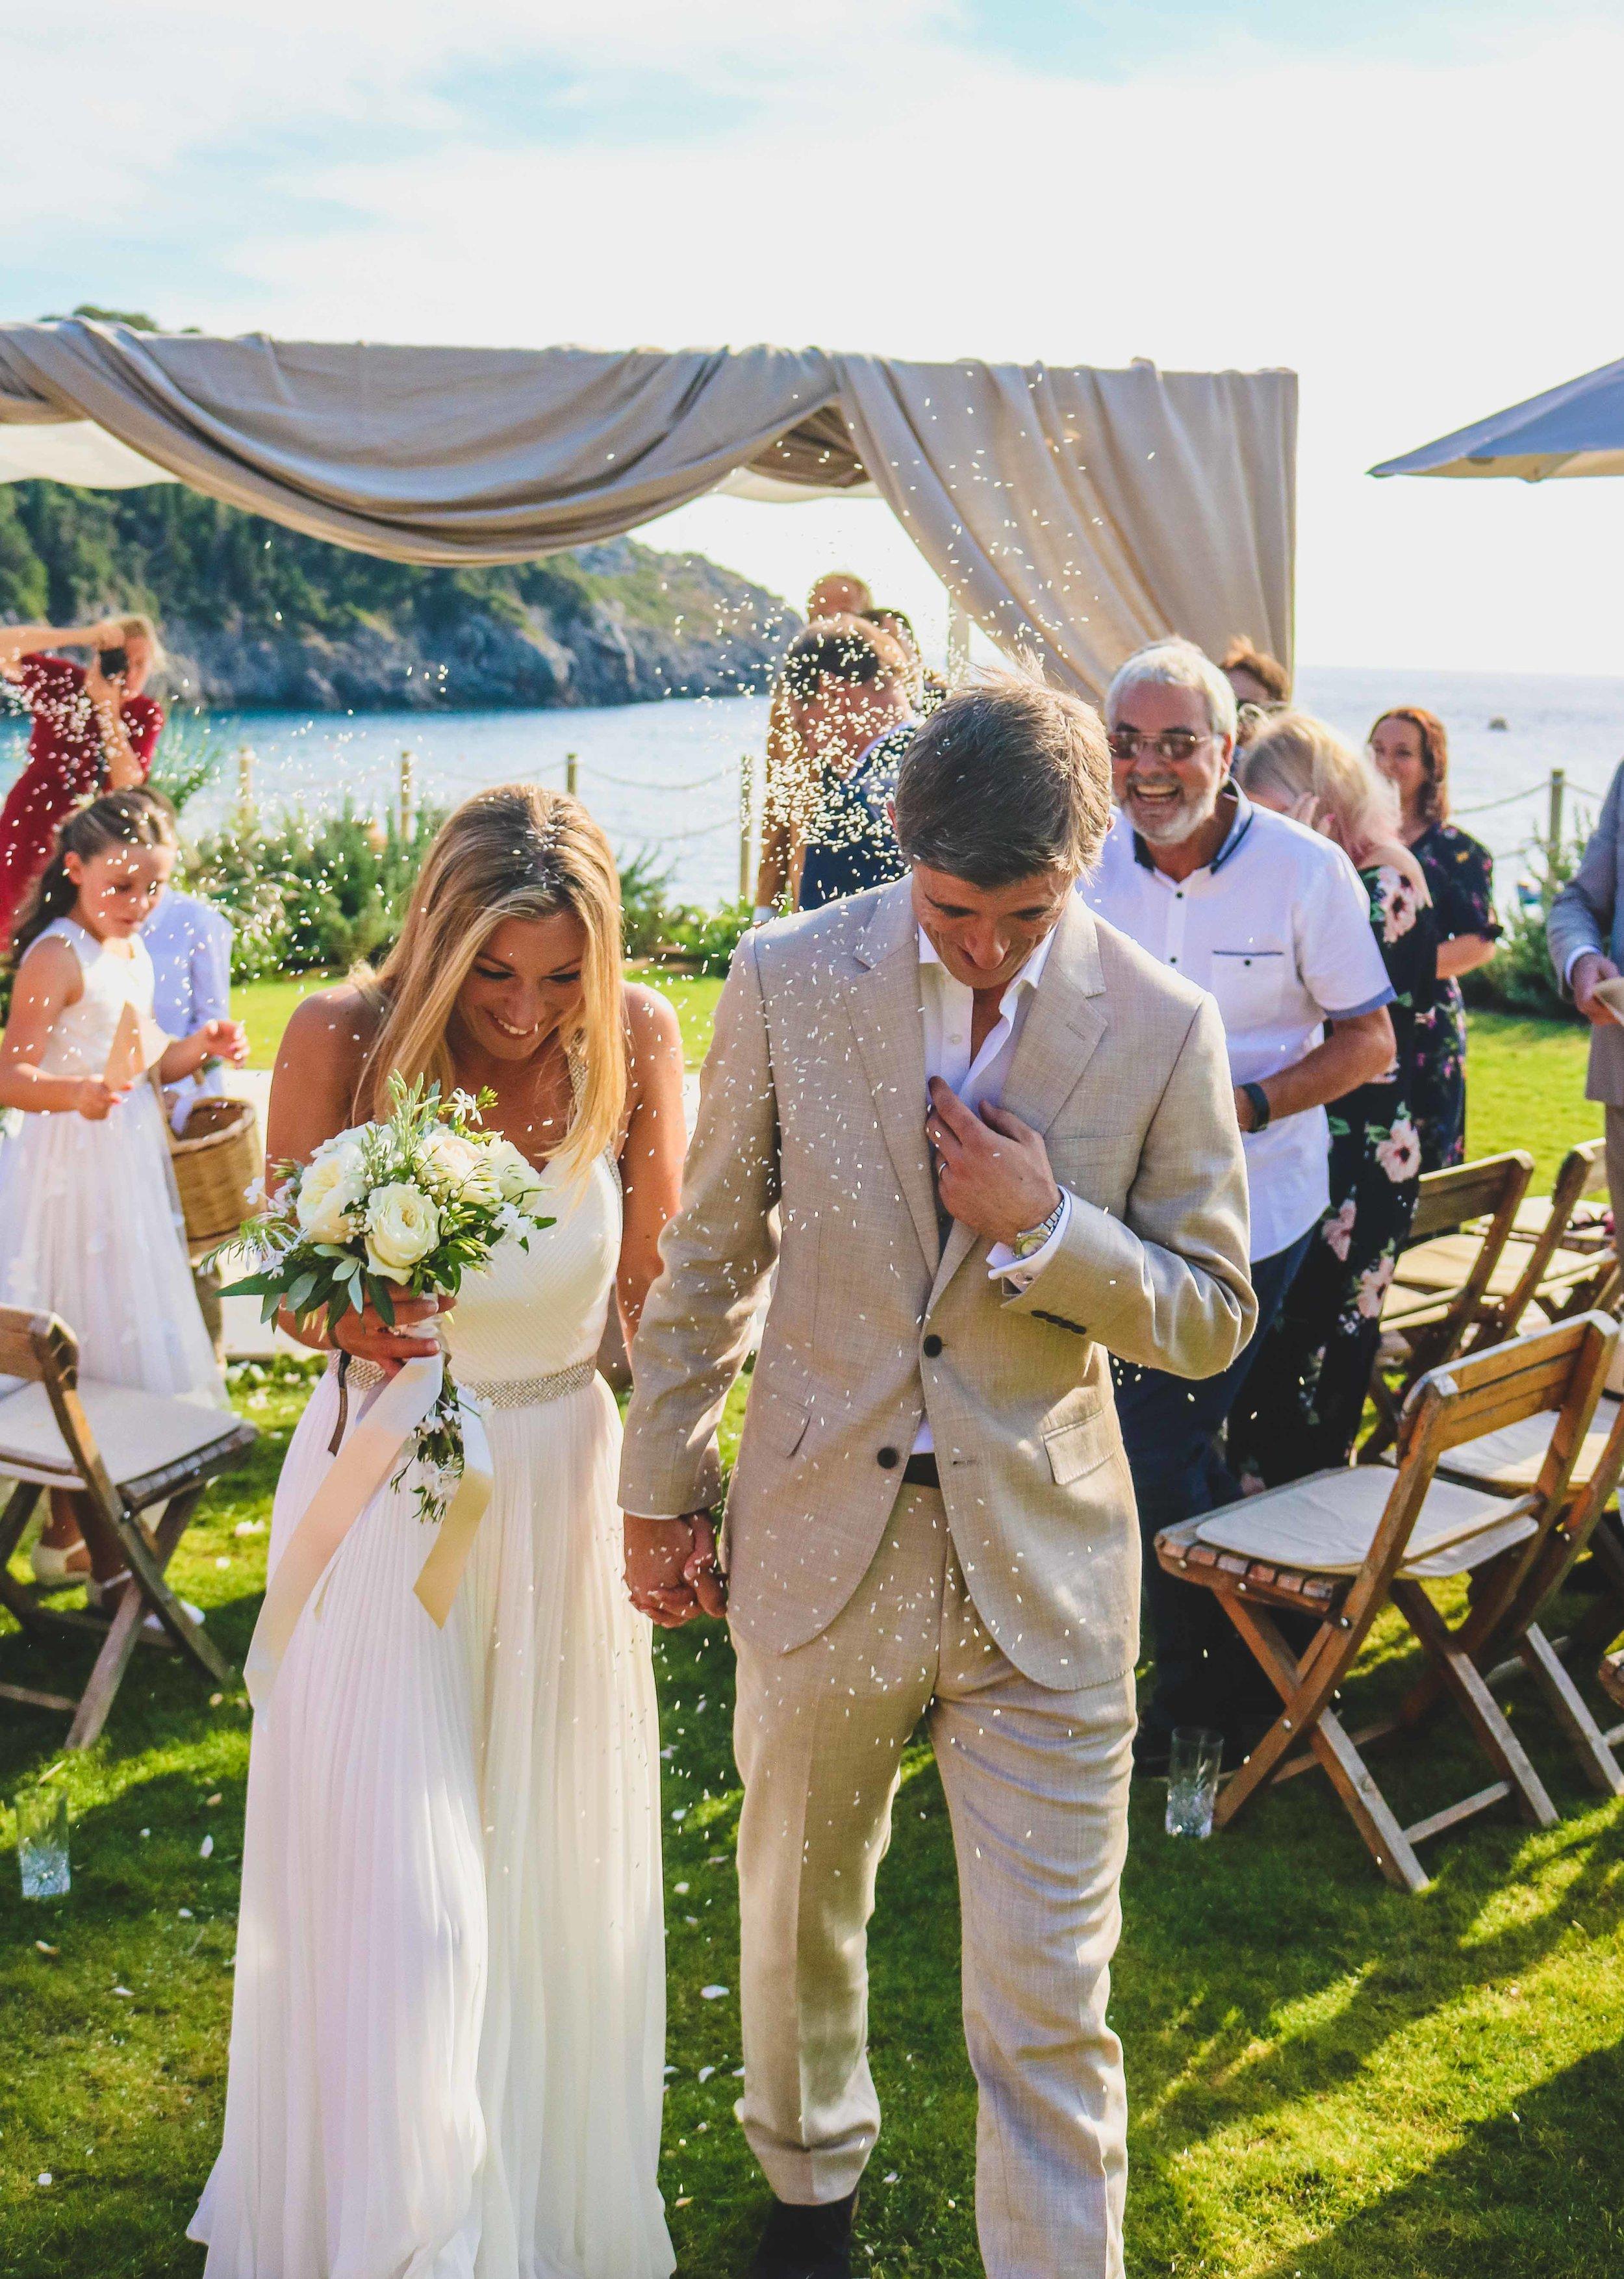 Scott & Annabel Wedding - Paleokastritsa, Corfu, September 2018